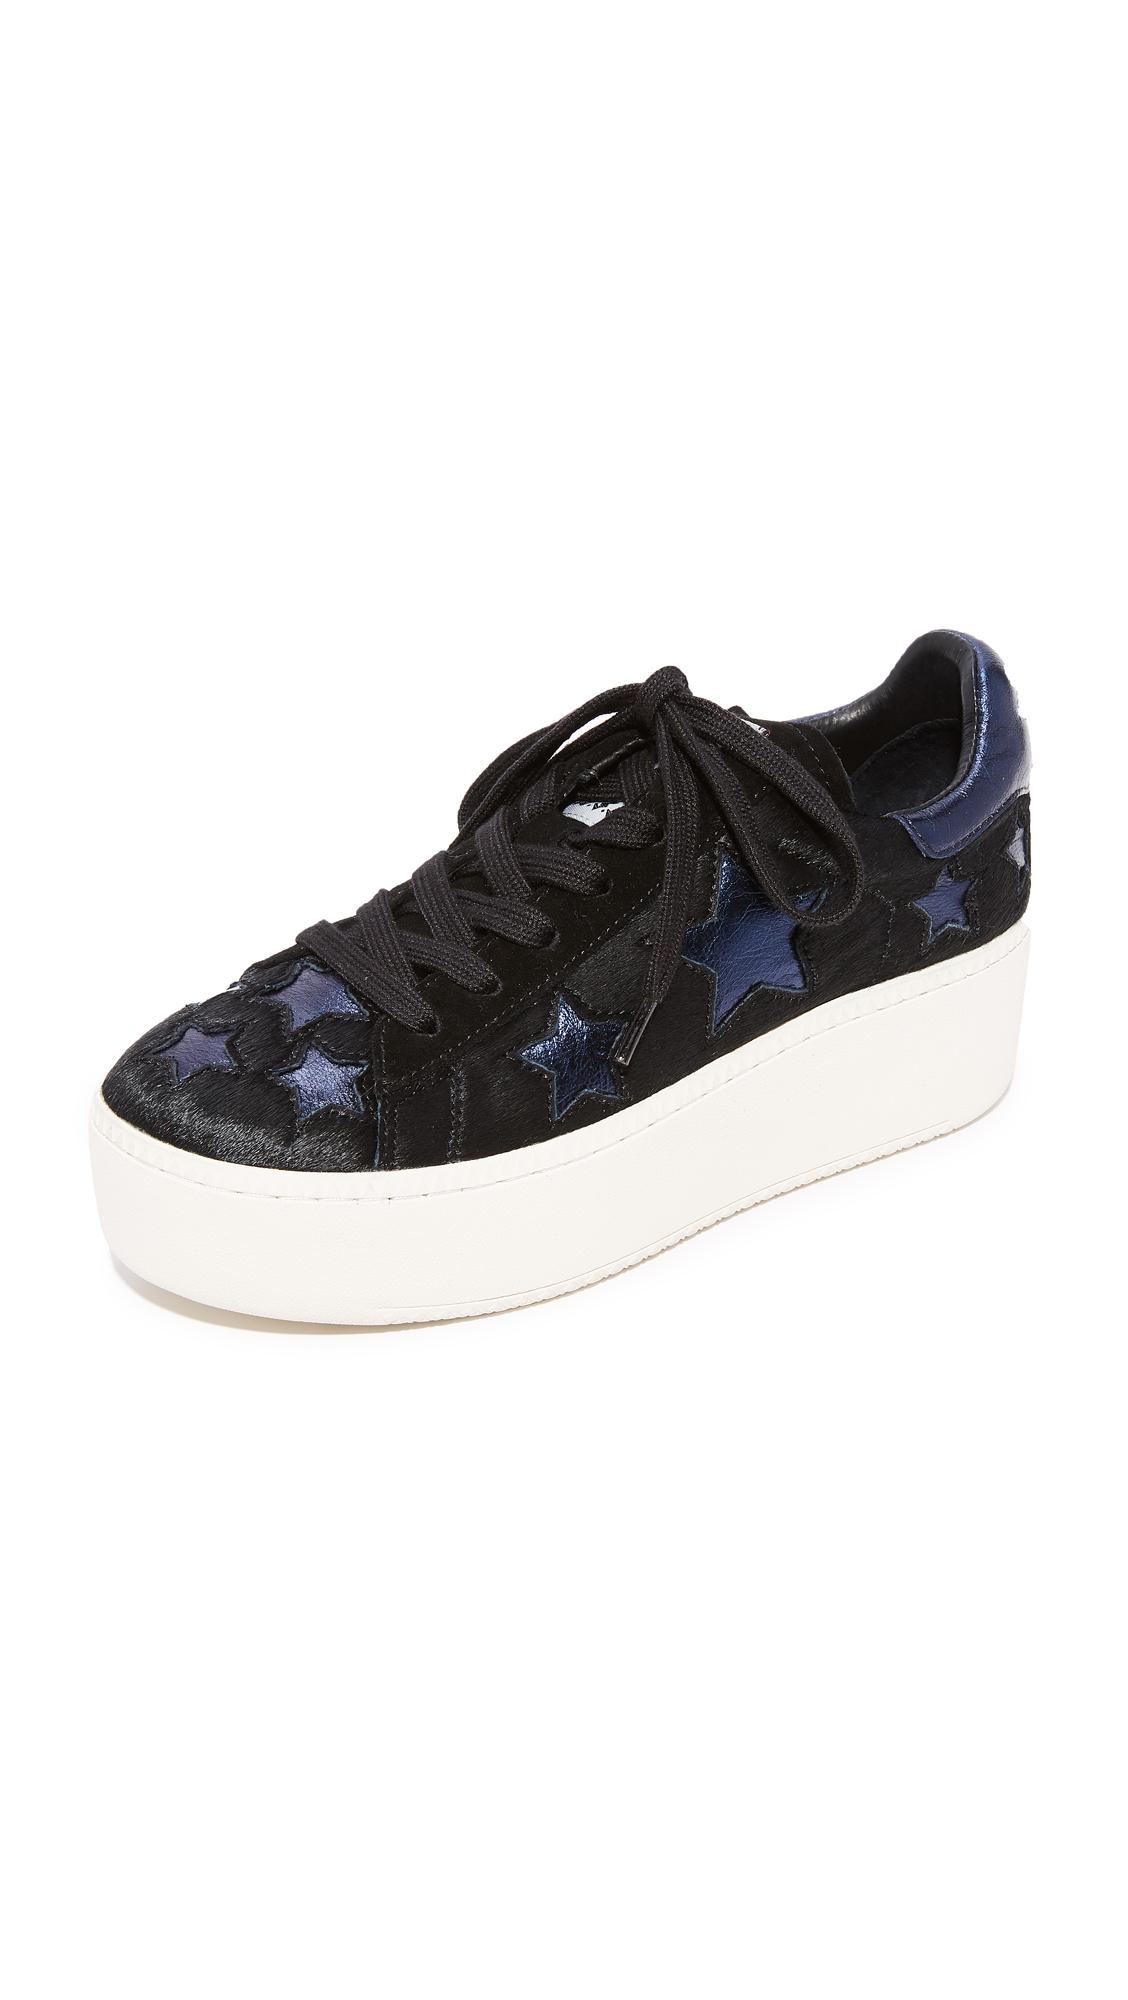 Ash Cult Star Platform Sneakers - Black/Midnight